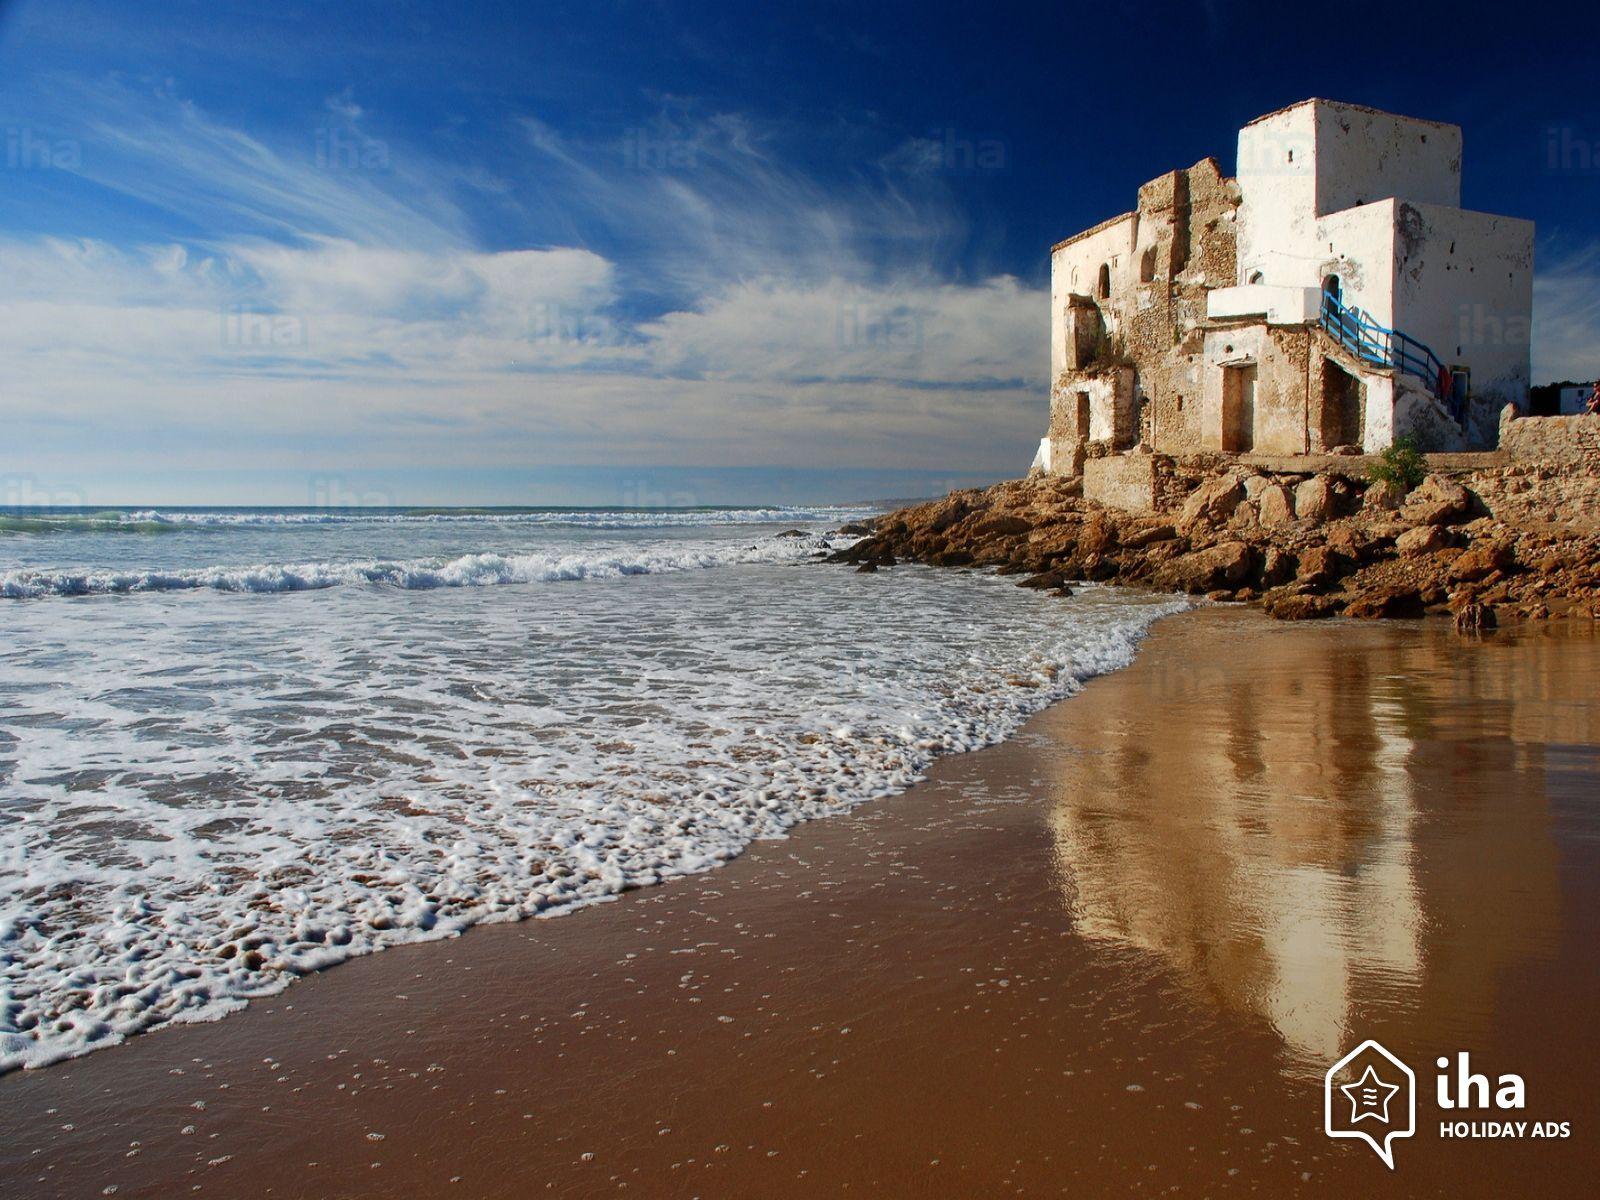 Essaouira oficina nacional de turismo de marruecos for Oficina de turismo de marruecos